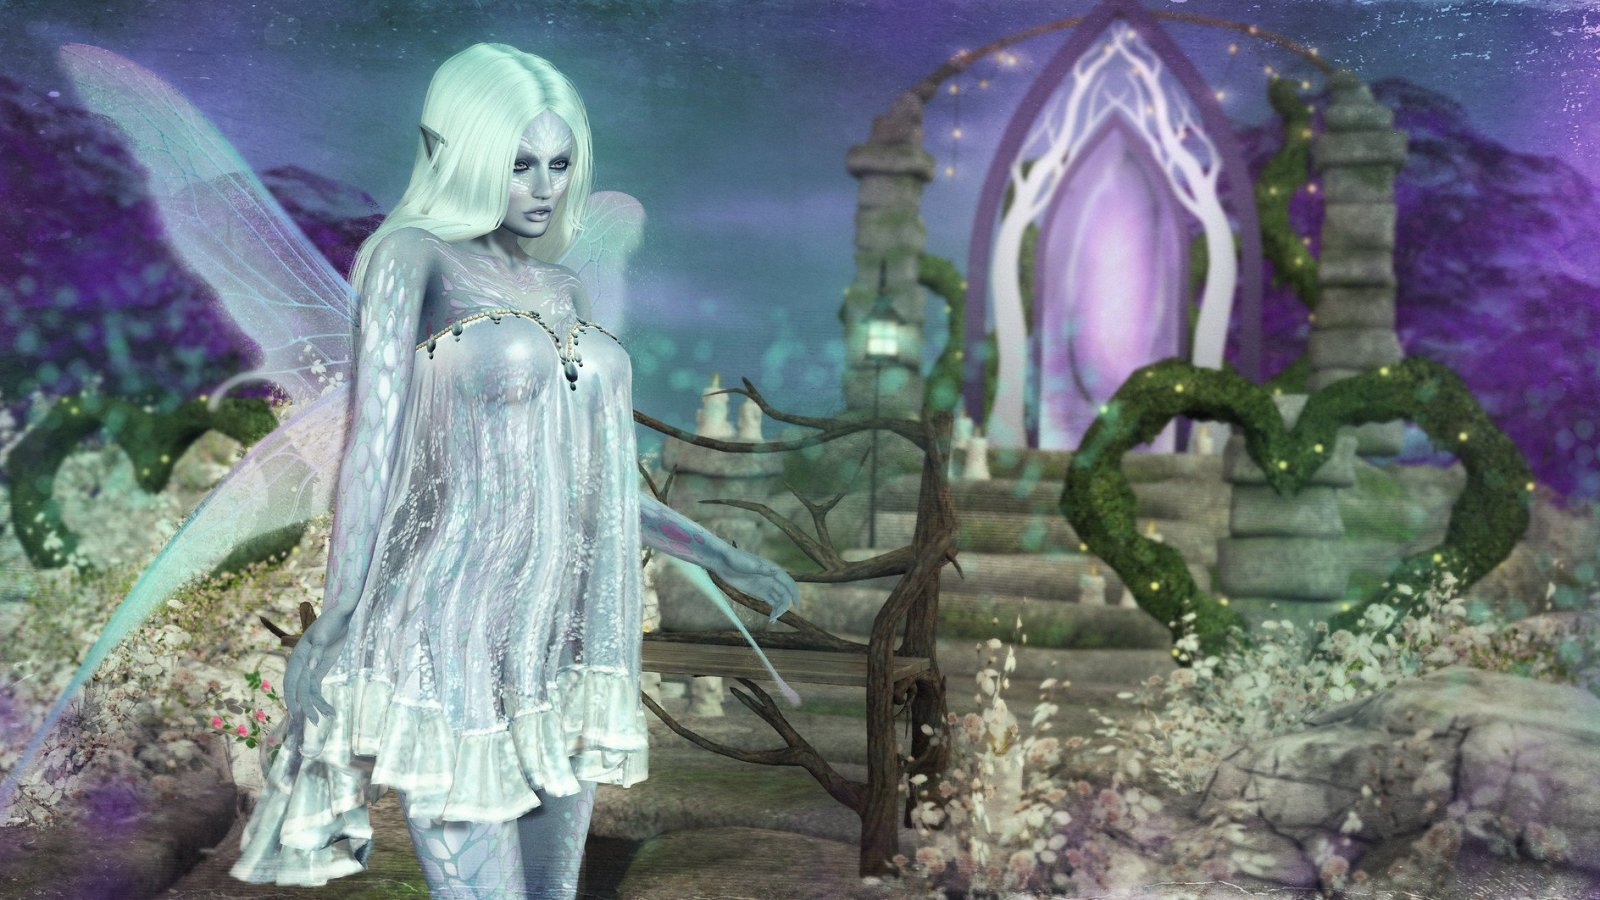 Fiorella Fairy